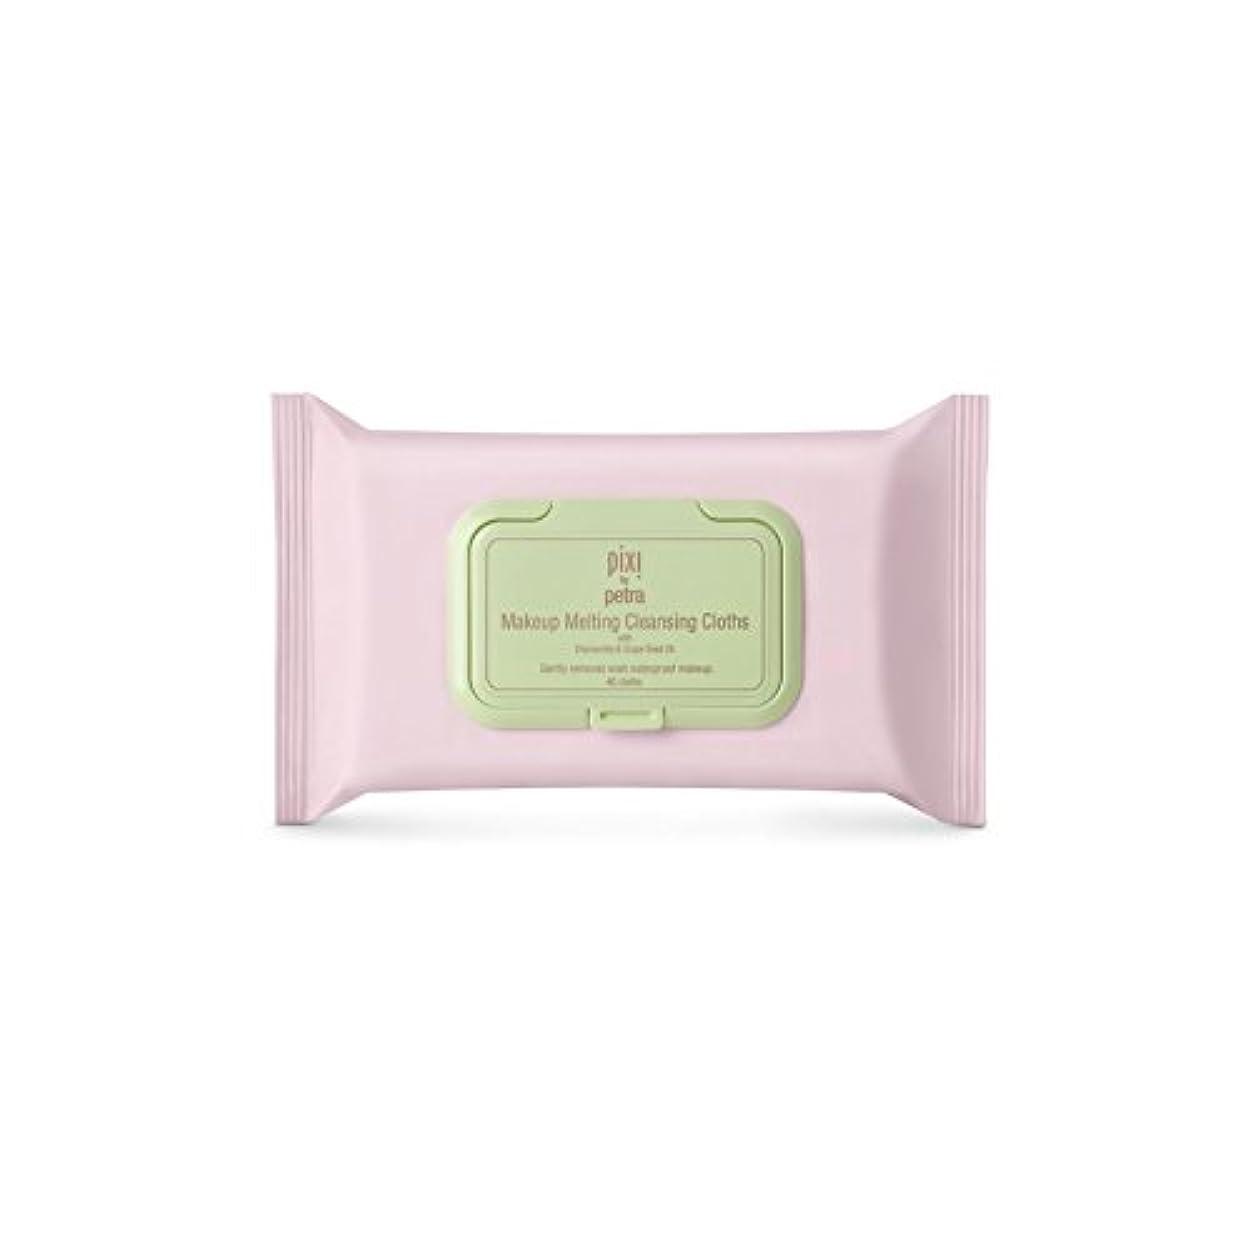 パトロン手のひら地中海化粧溶融クレンジングクロス x2 - Pixi Makeup Melting Cleansing Cloths (Pack of 2) [並行輸入品]